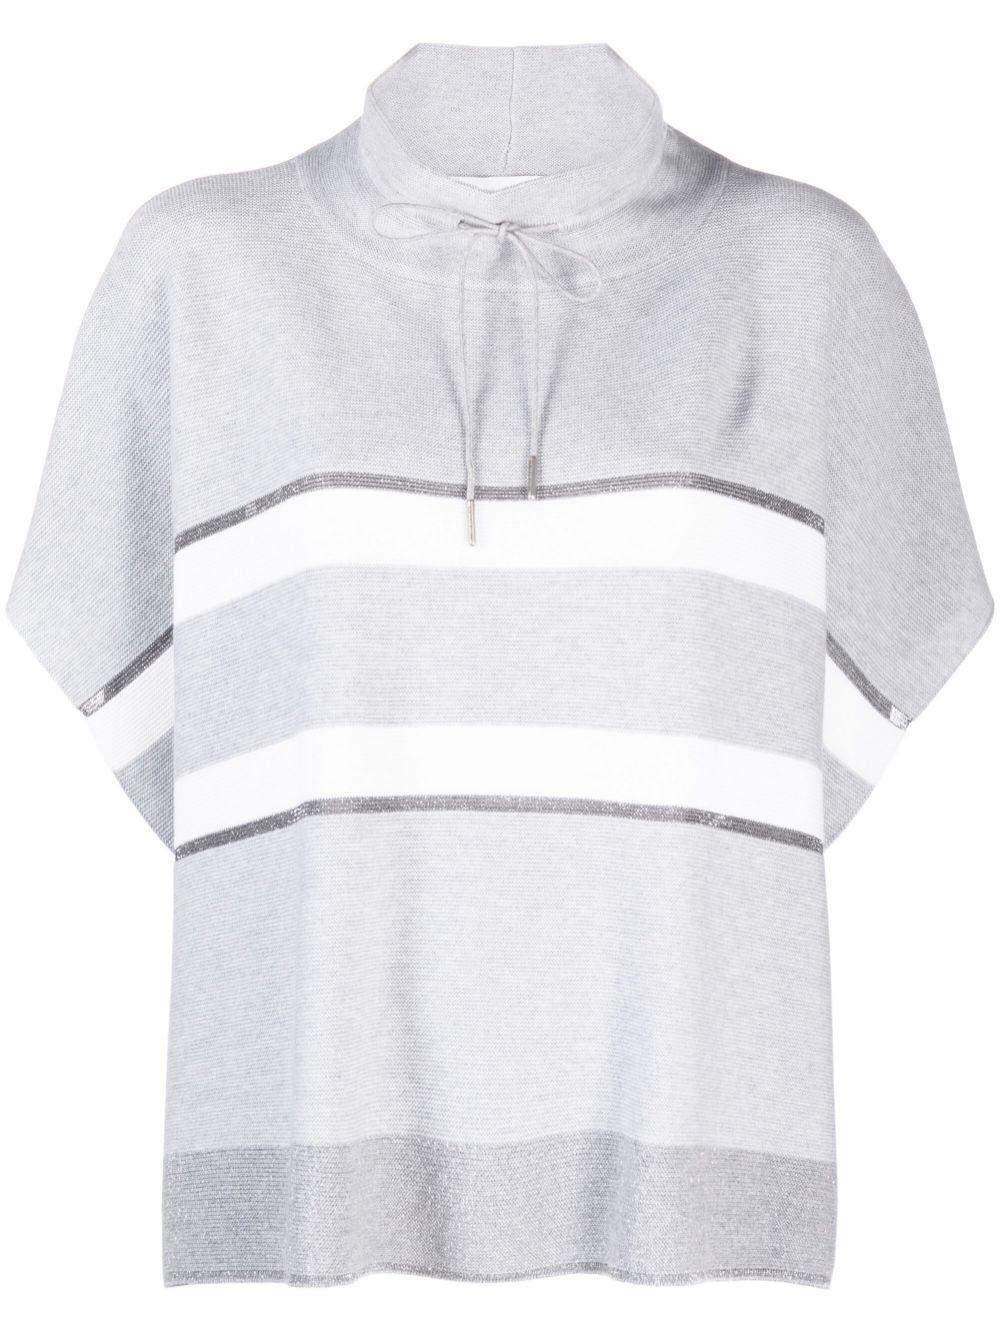 Striped Turtleneck Poncho Sweater Item # MAD221W016